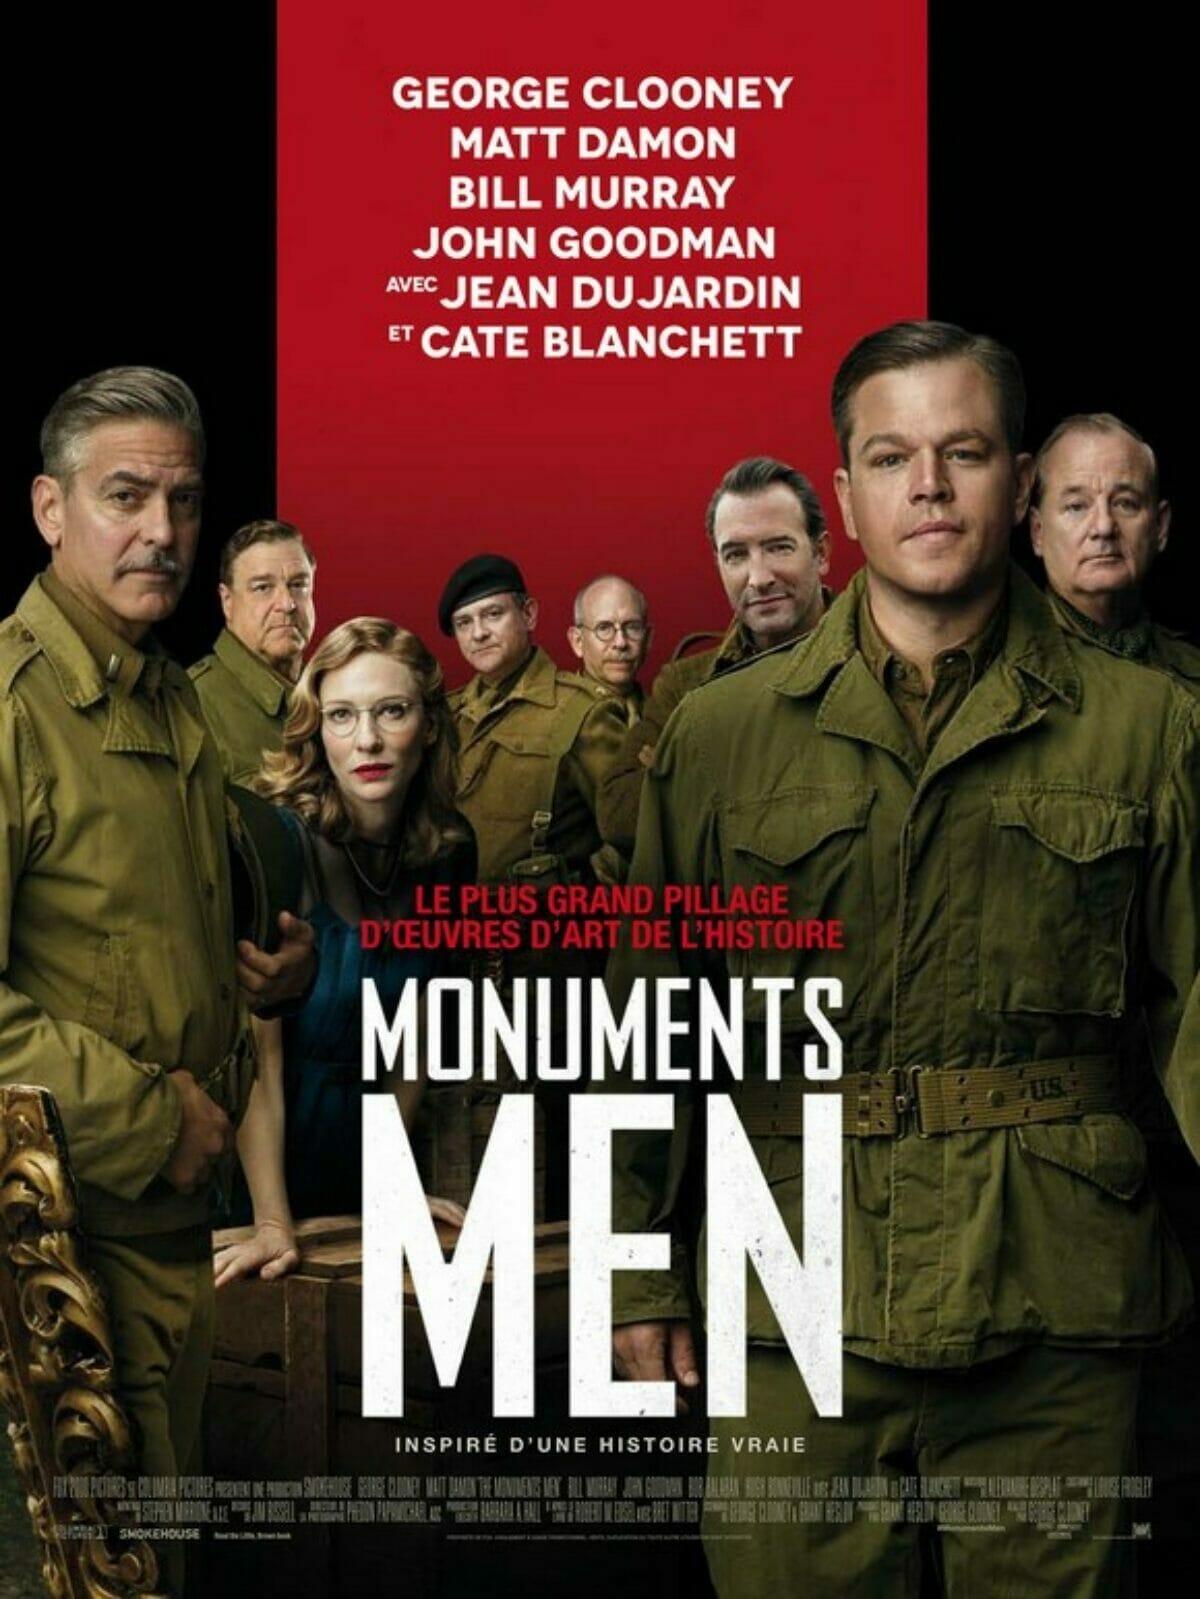 monuments-men-affiche-france